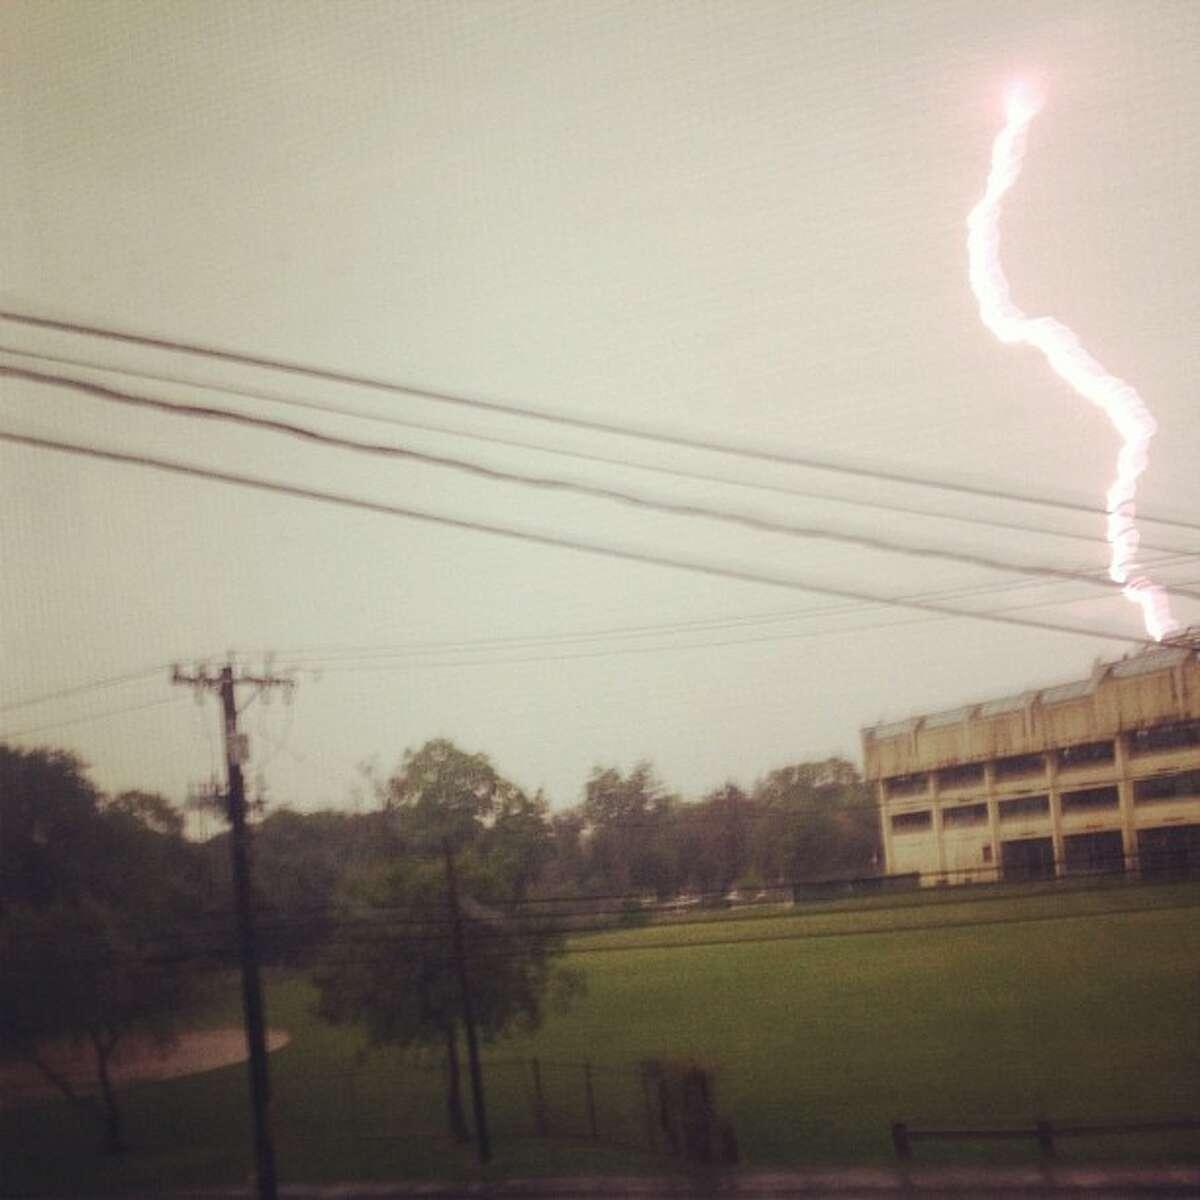 Lightning strikes over Norwalk High School Monday morning.